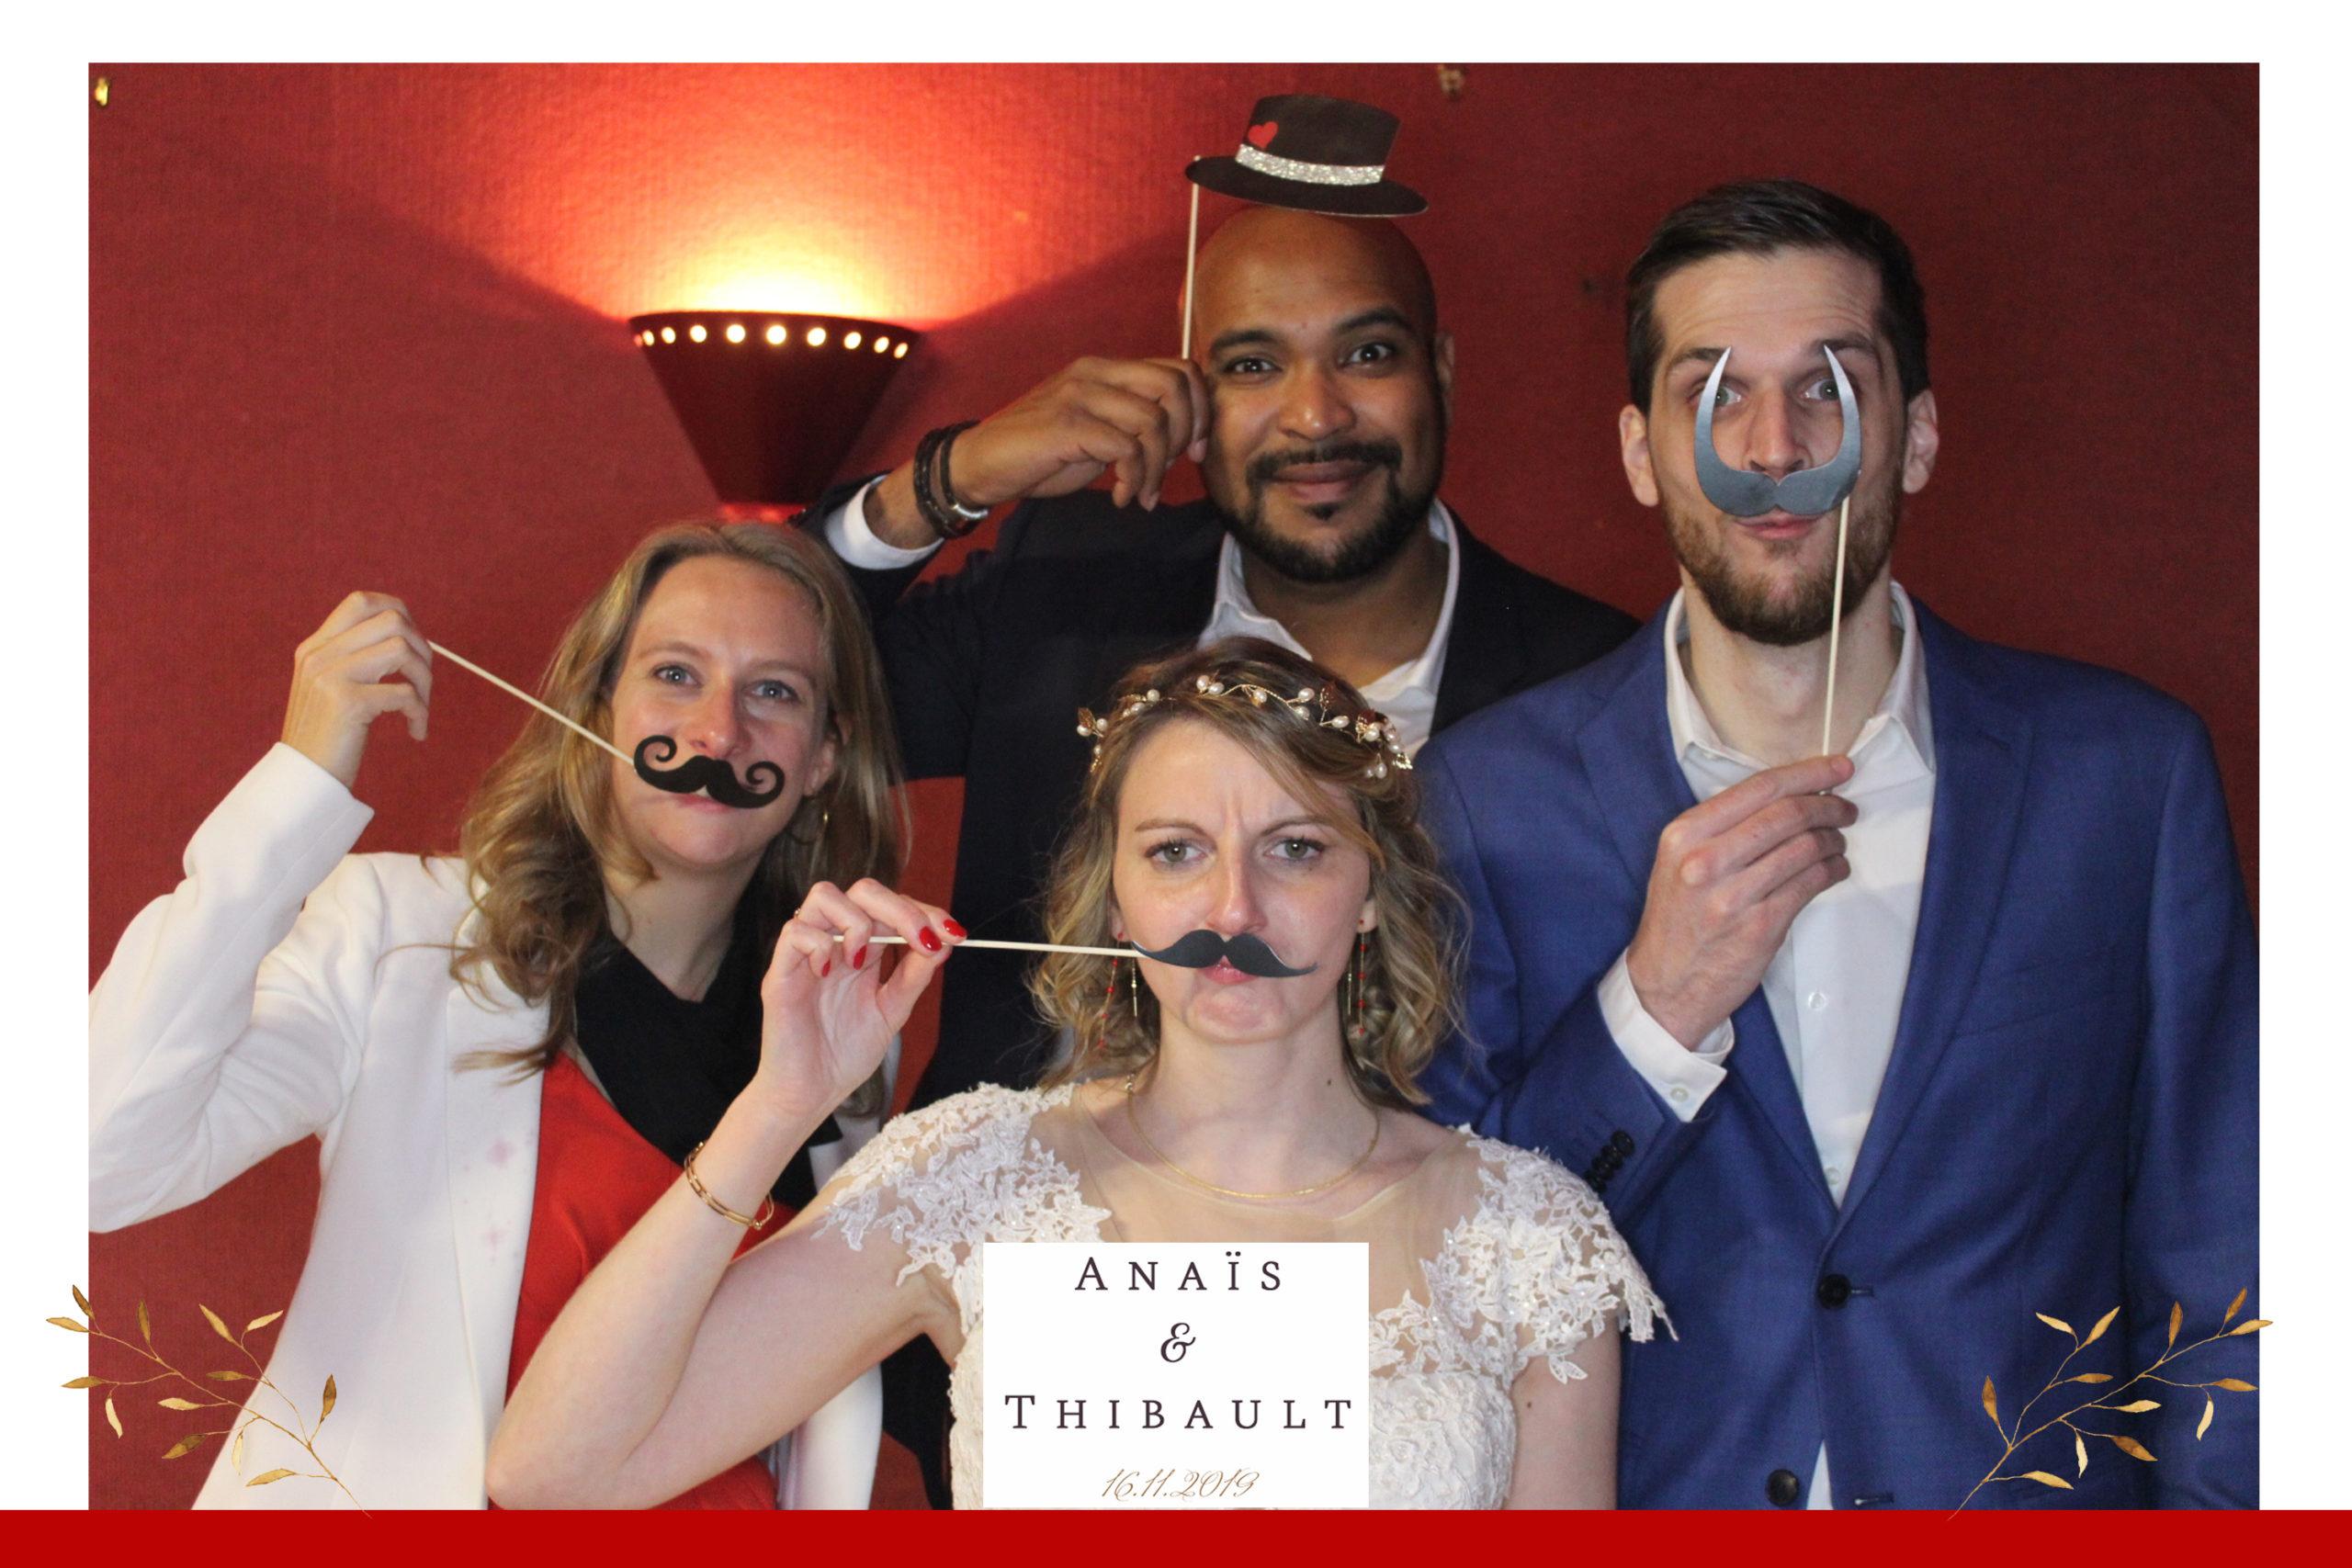 mariage borne photo selfiebox photomaton photobooth vieux villez gaillon louviers chateau corneille eure normandie